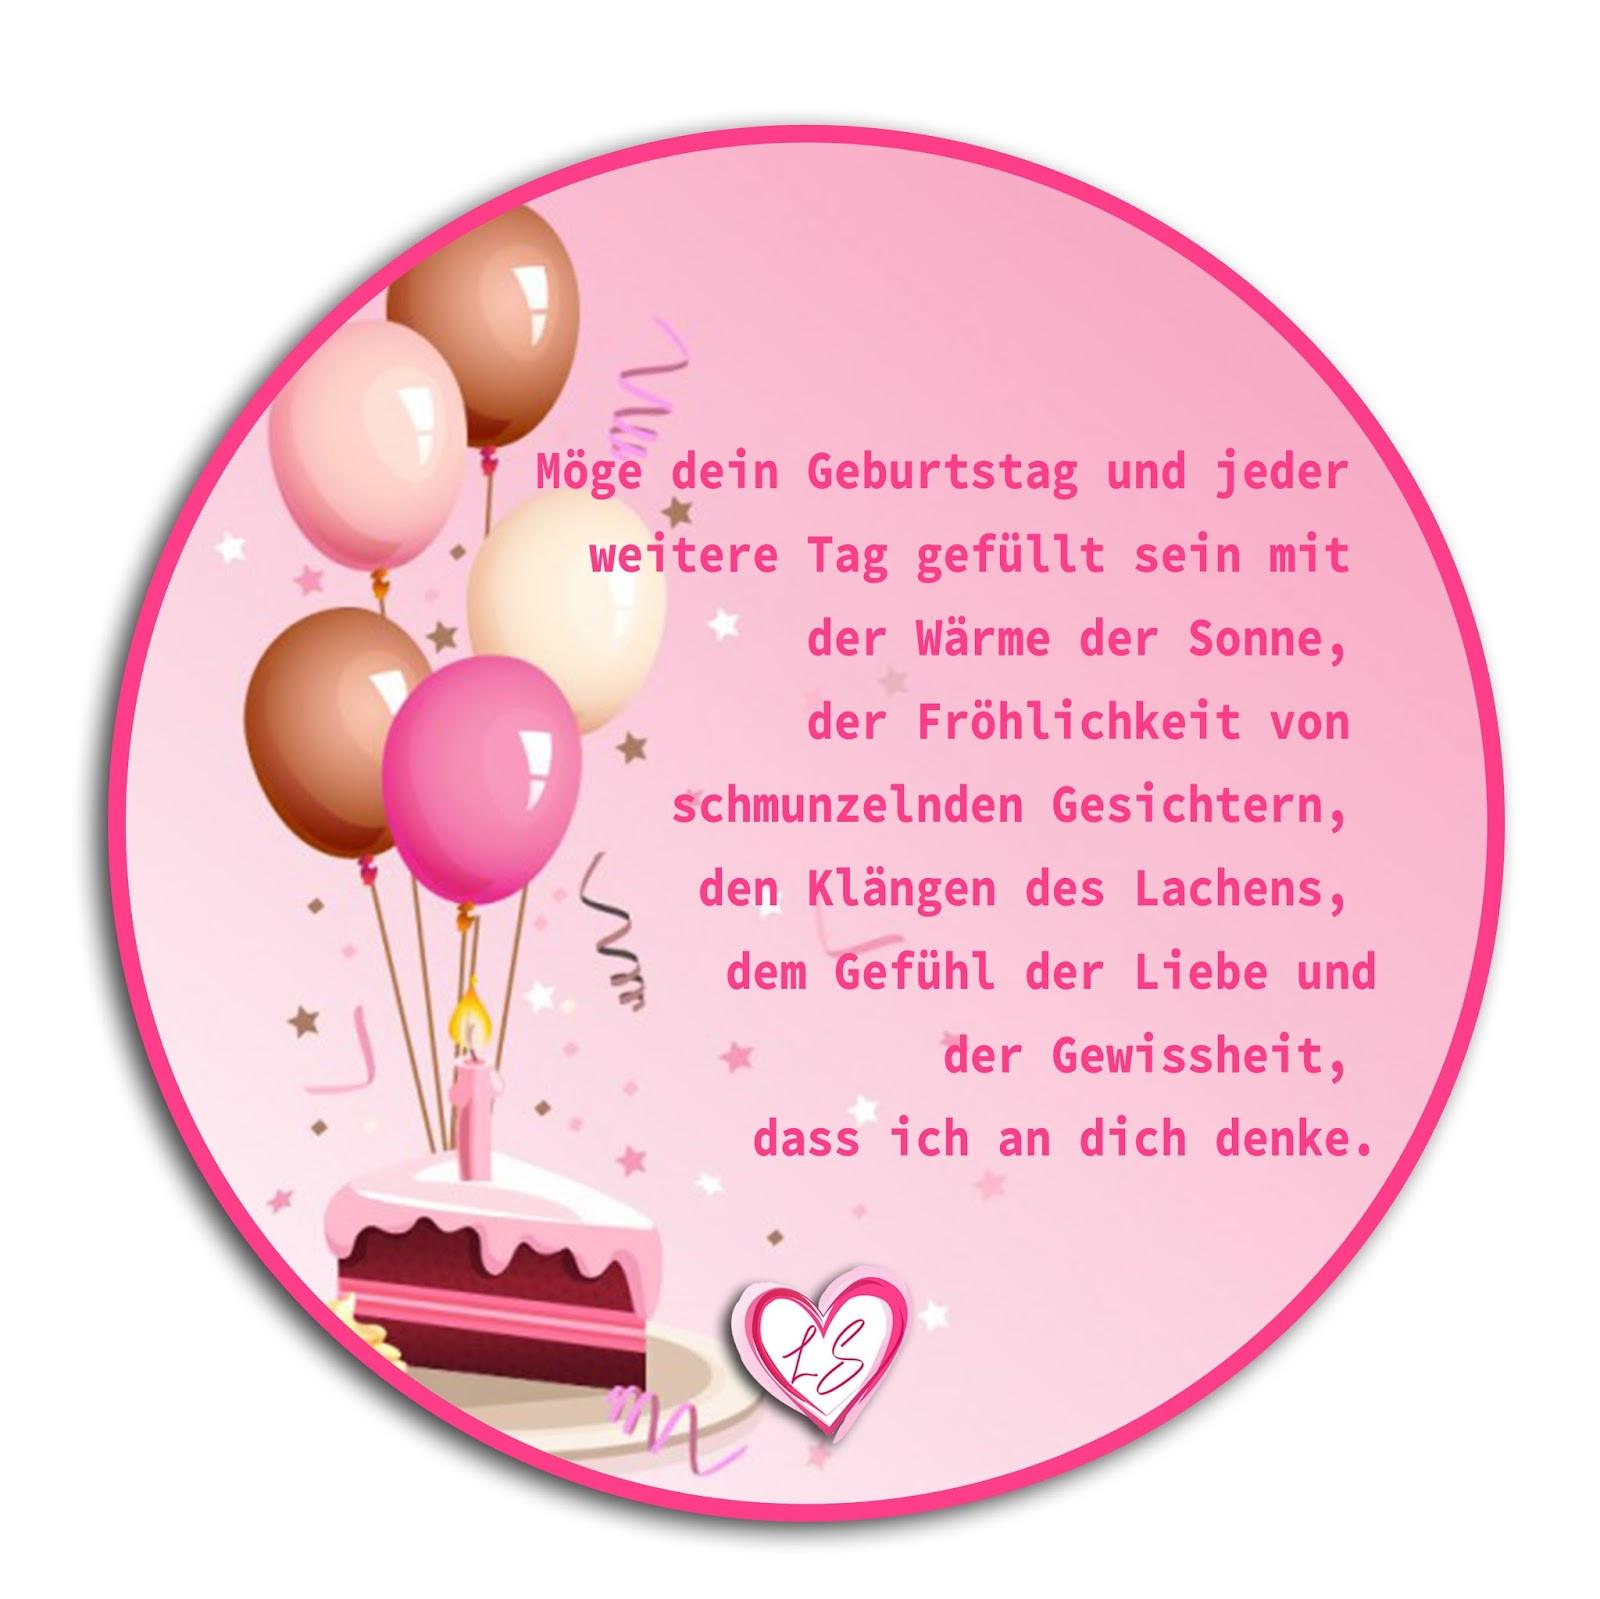 Geburtstagssprüche Zum 1. Geburtstag  Geburtstag SMS 1 Liebes Status